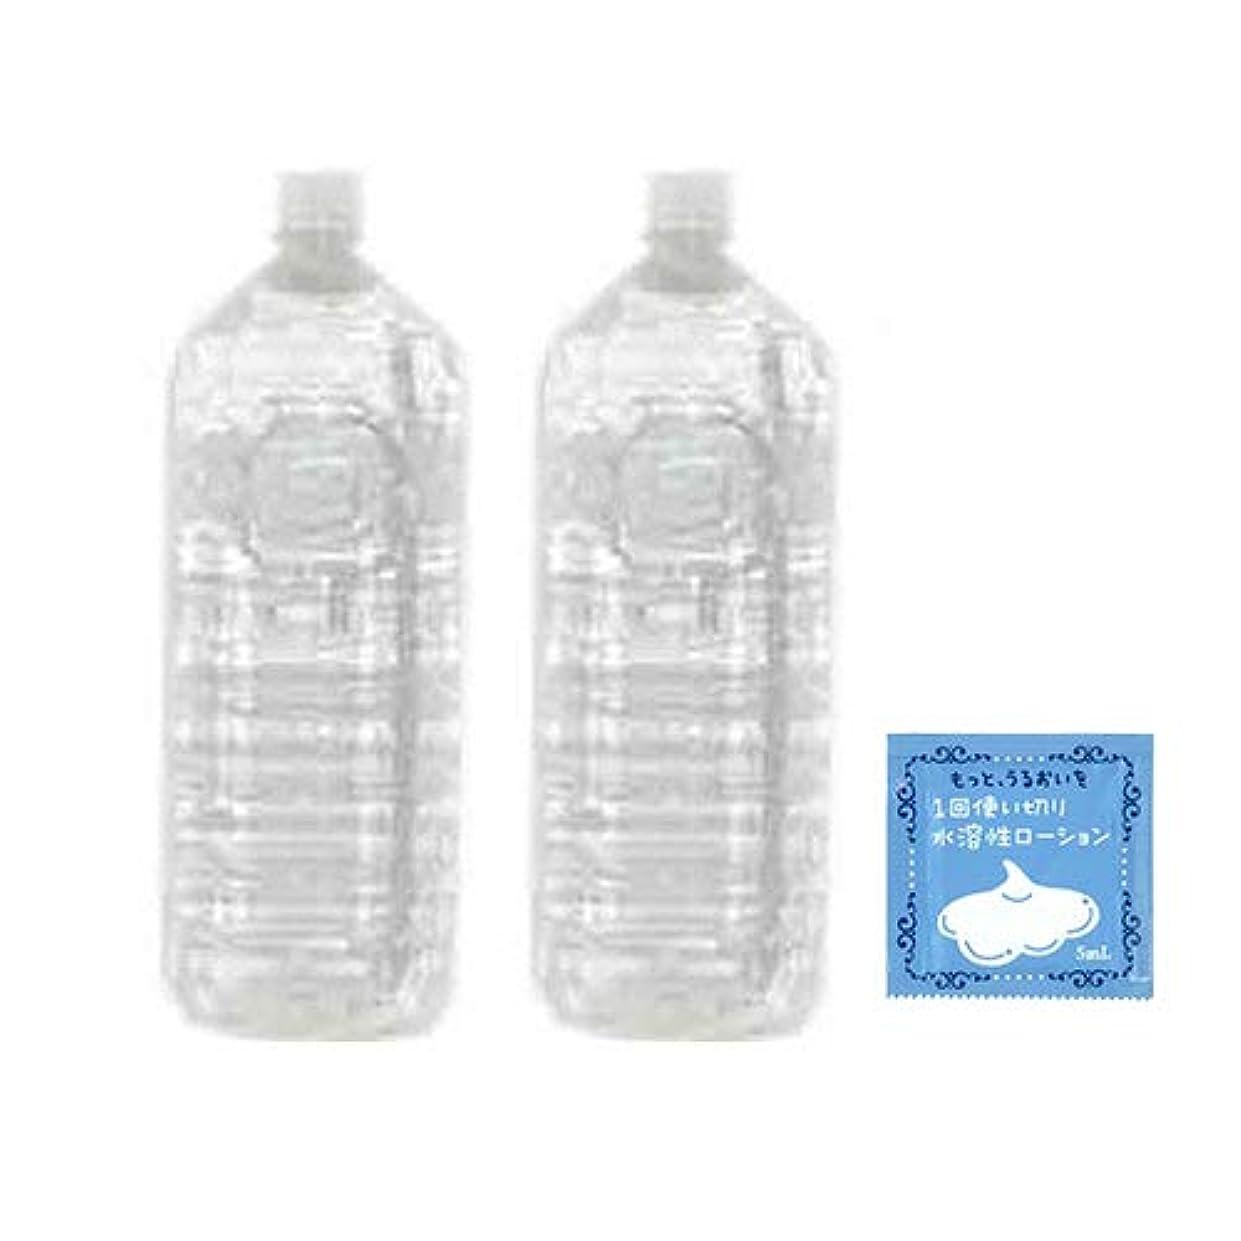 クリアローション 2Lペットボトル ハードタイプ(5倍濃縮原液) × 2本セット + 1回使い切り水溶性潤滑ローション